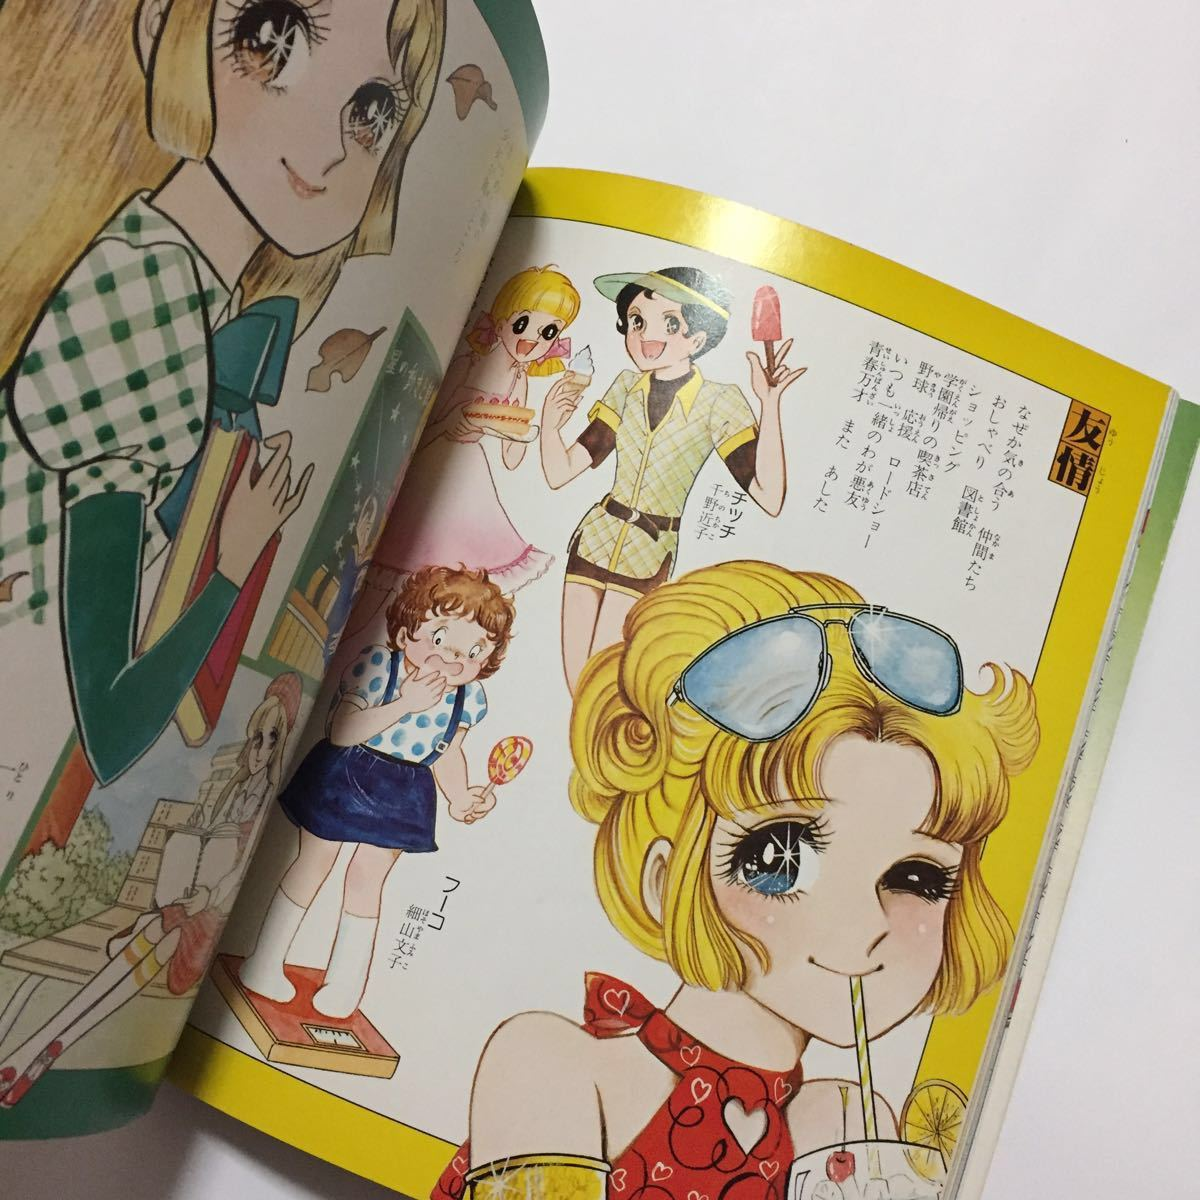 初版 うわさの姫子 愛のメモリー イラスト集 藤原栄子_画像6